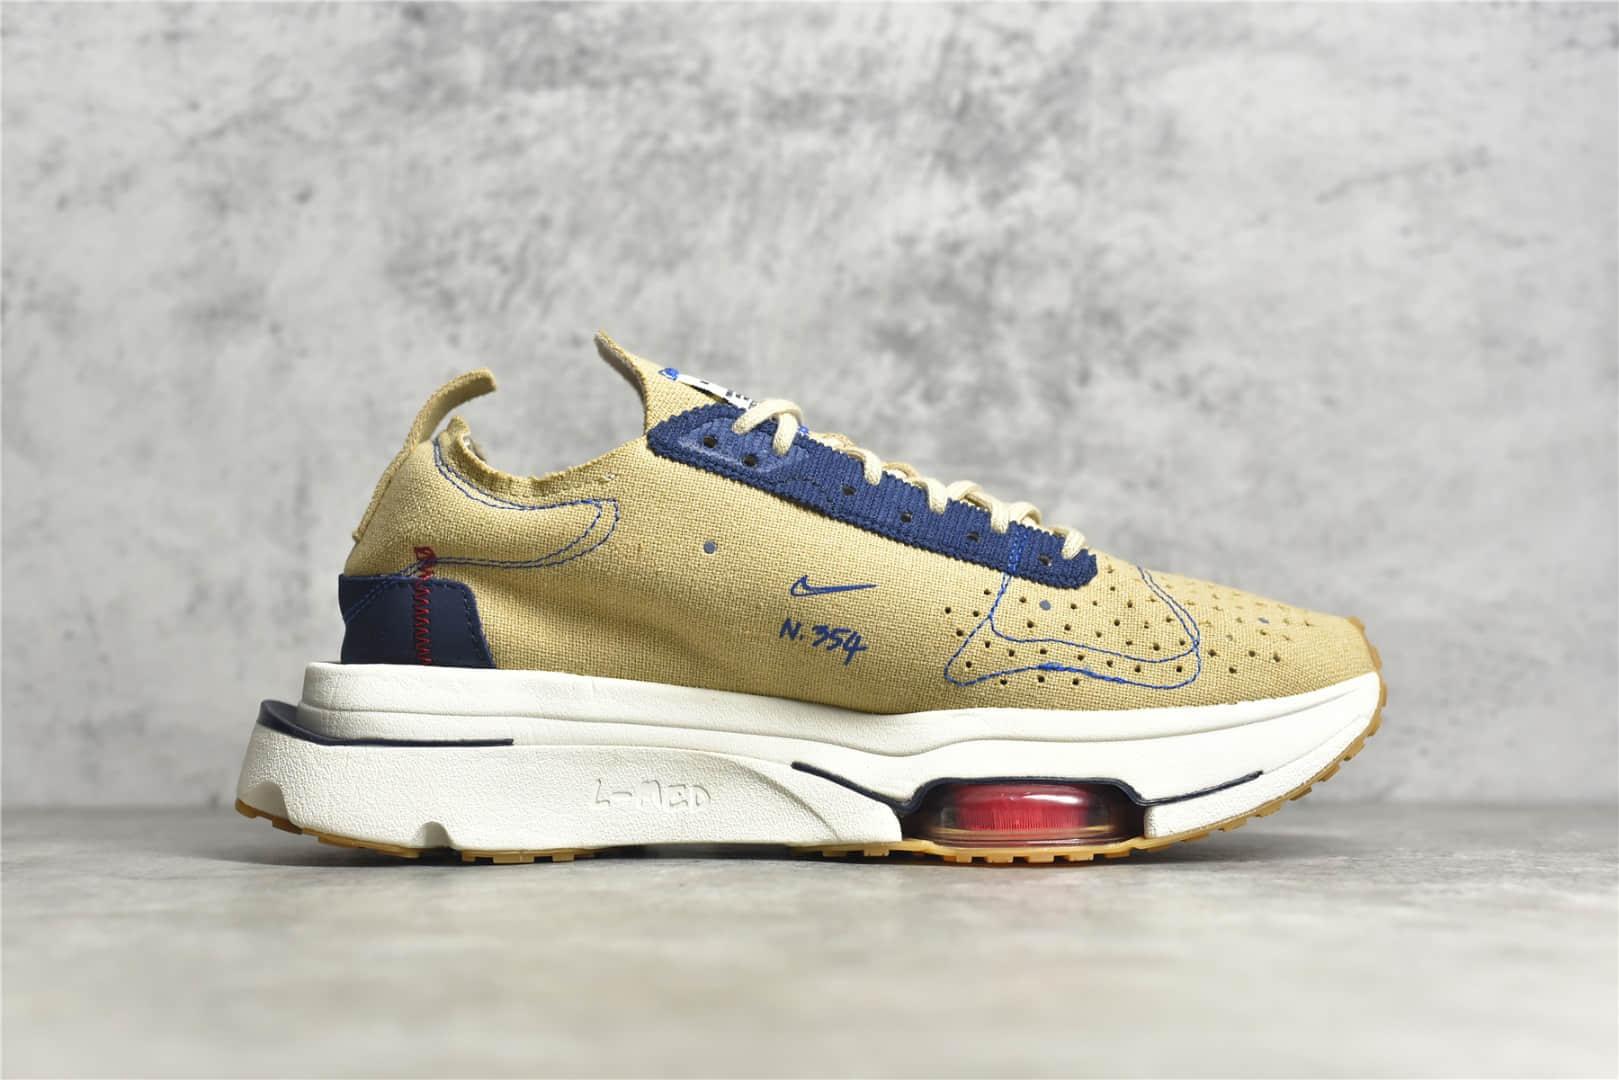 耐克TYPE米色跑鞋 Nike Air Zoom Type N.354 耐克跑鞋公司级版本 耐克前掌气垫 货号:CJ2033-010-潮流者之家